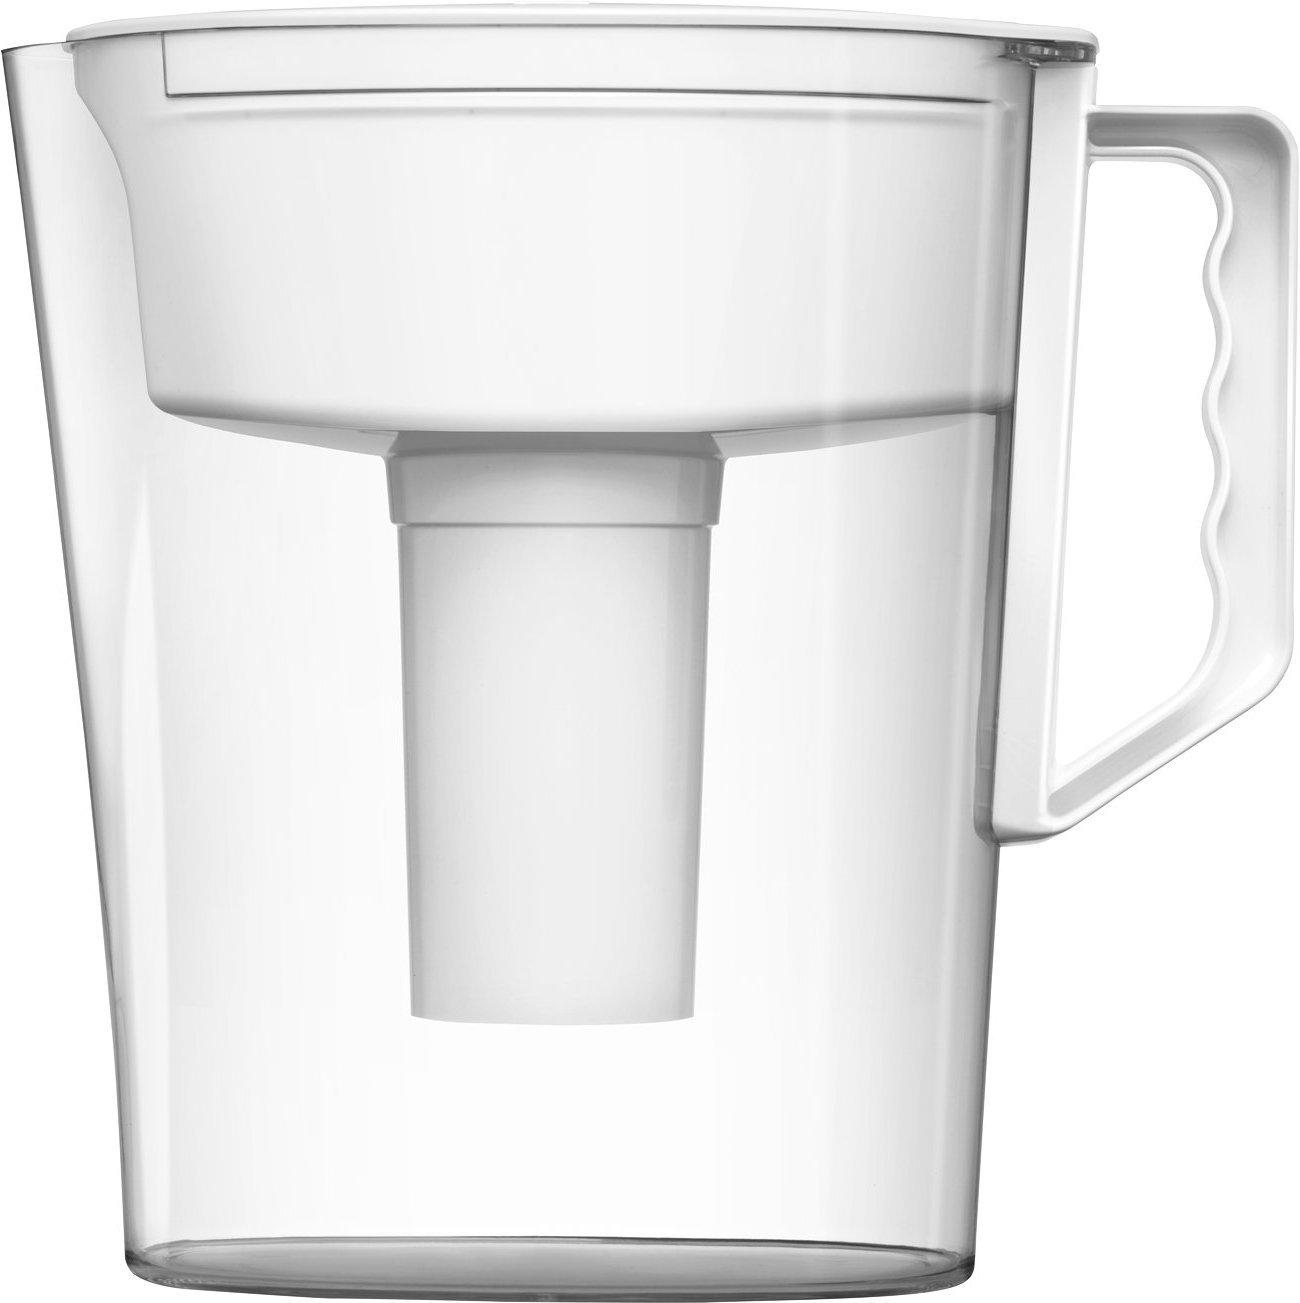 Brita Slim Water Pitcher with 1 Filter